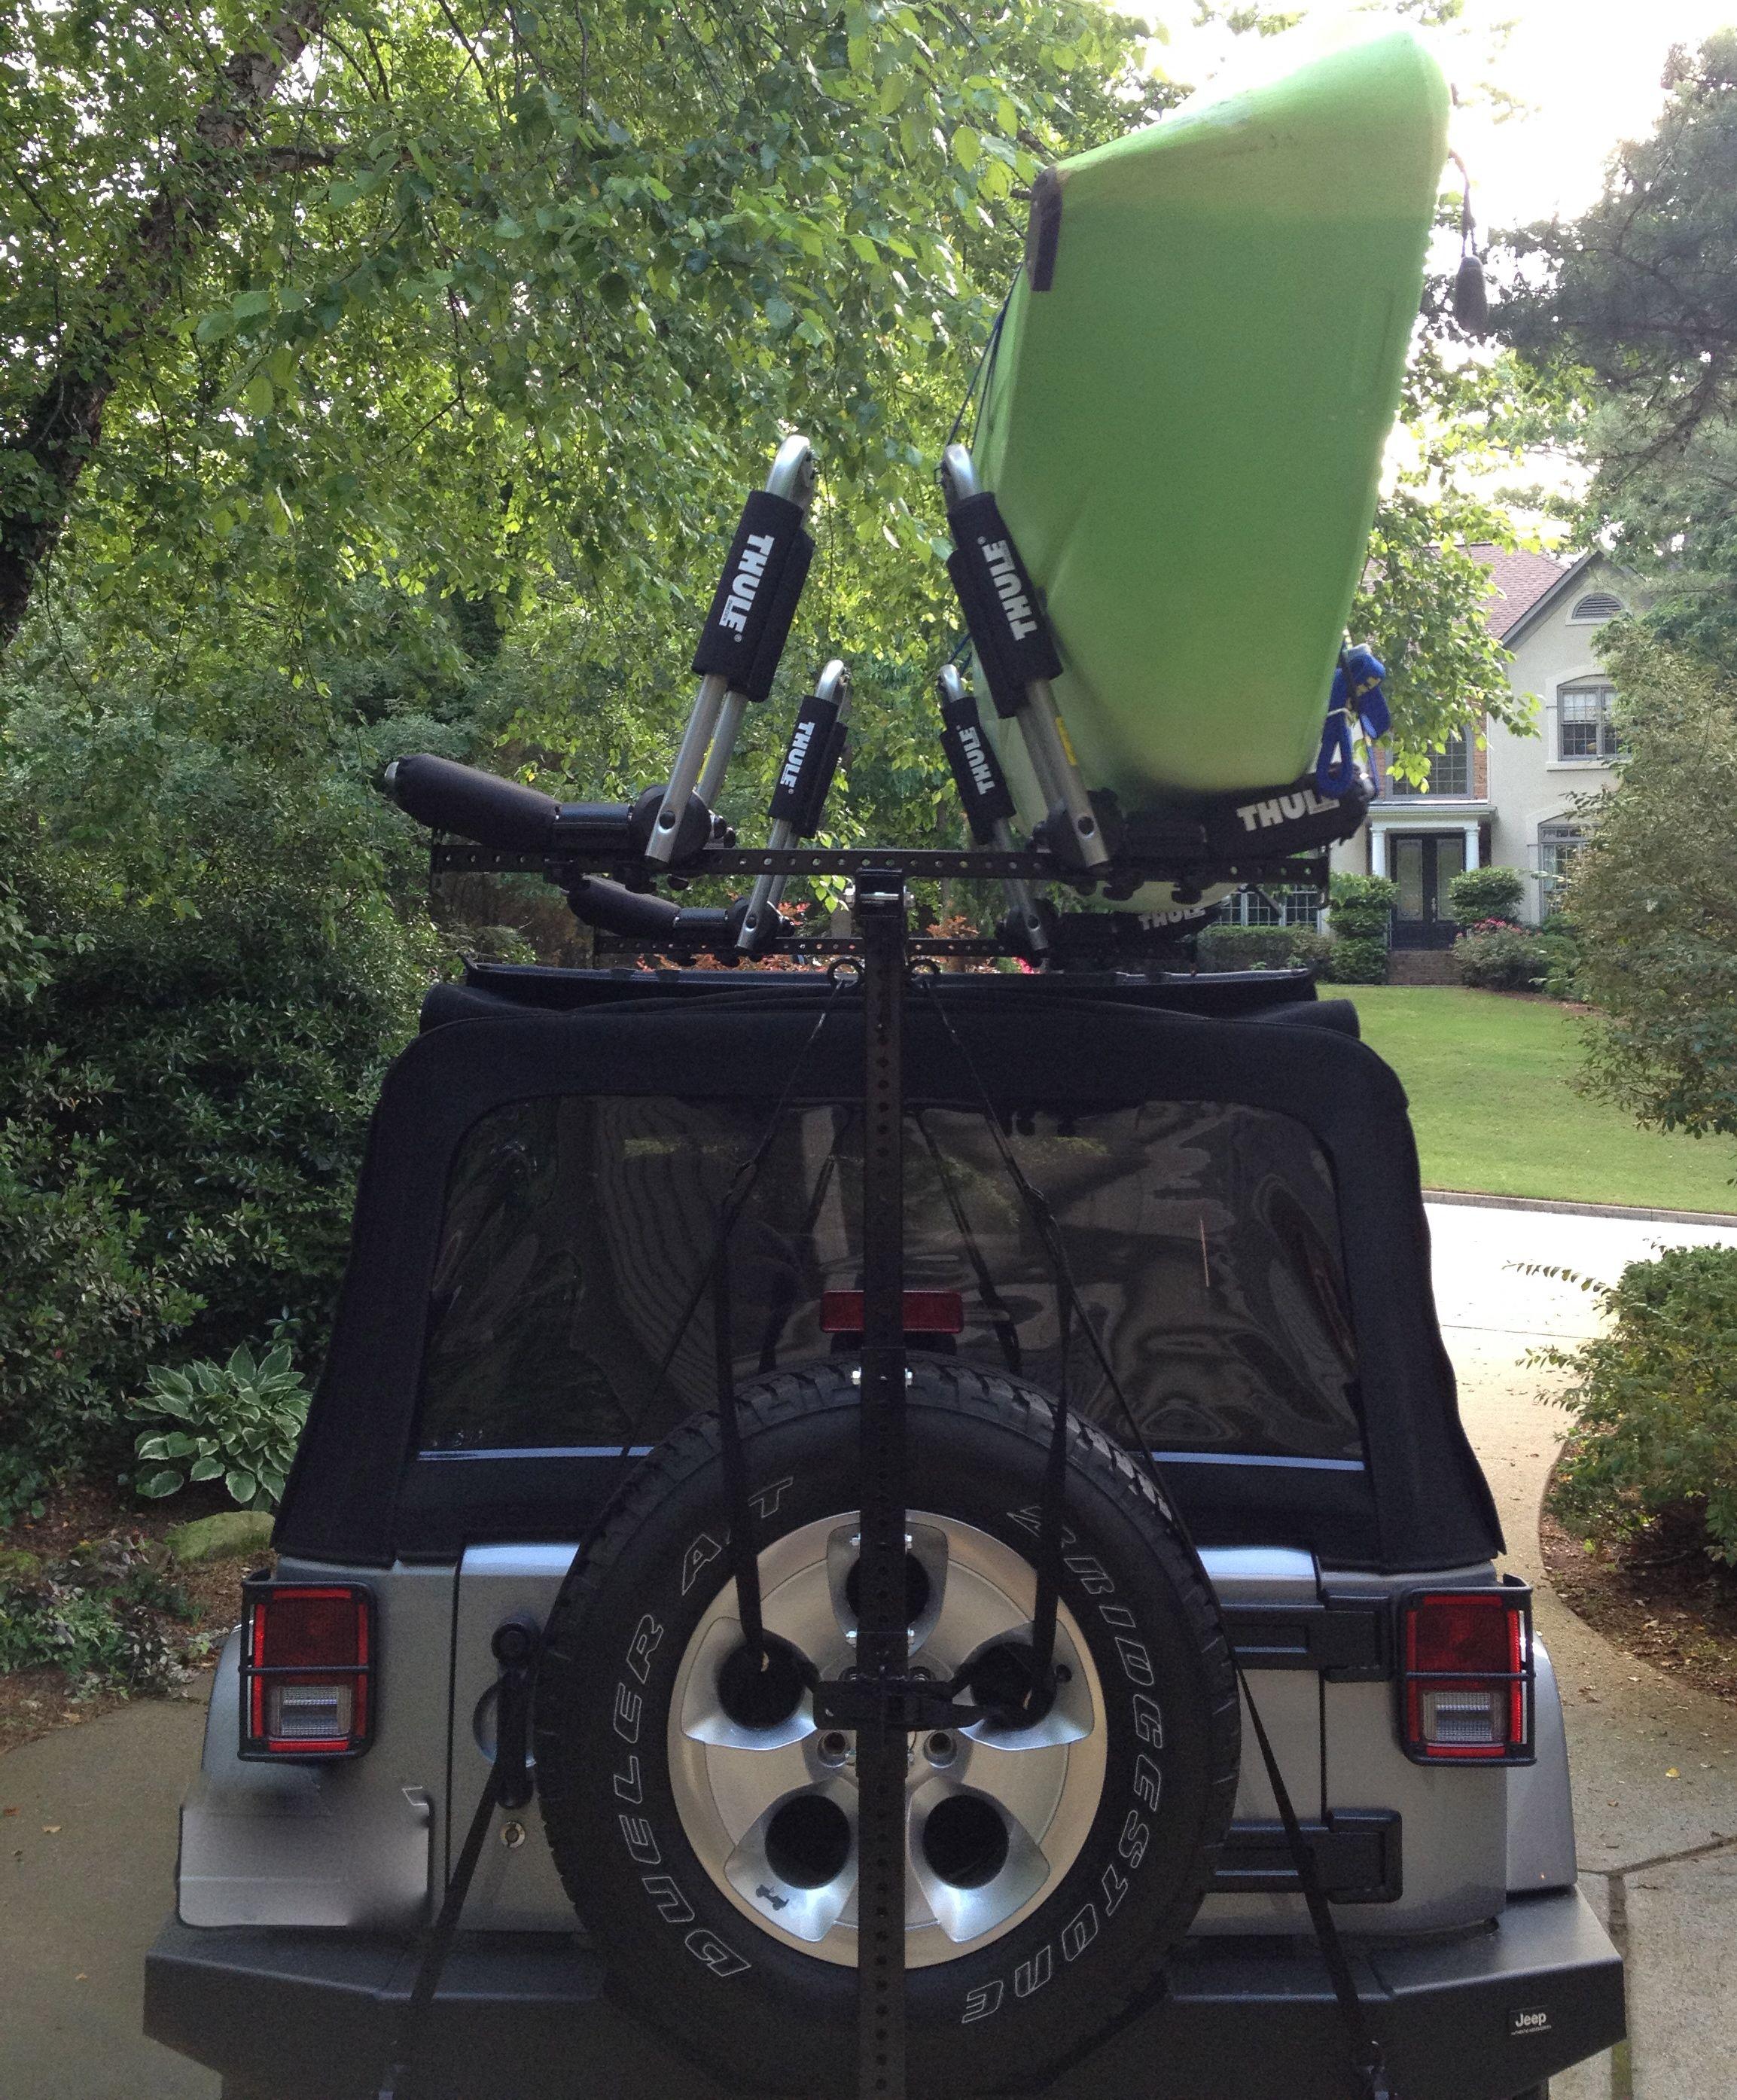 Hitchmount Rack With Thule Mounts Kayak Rack Jeep Racks